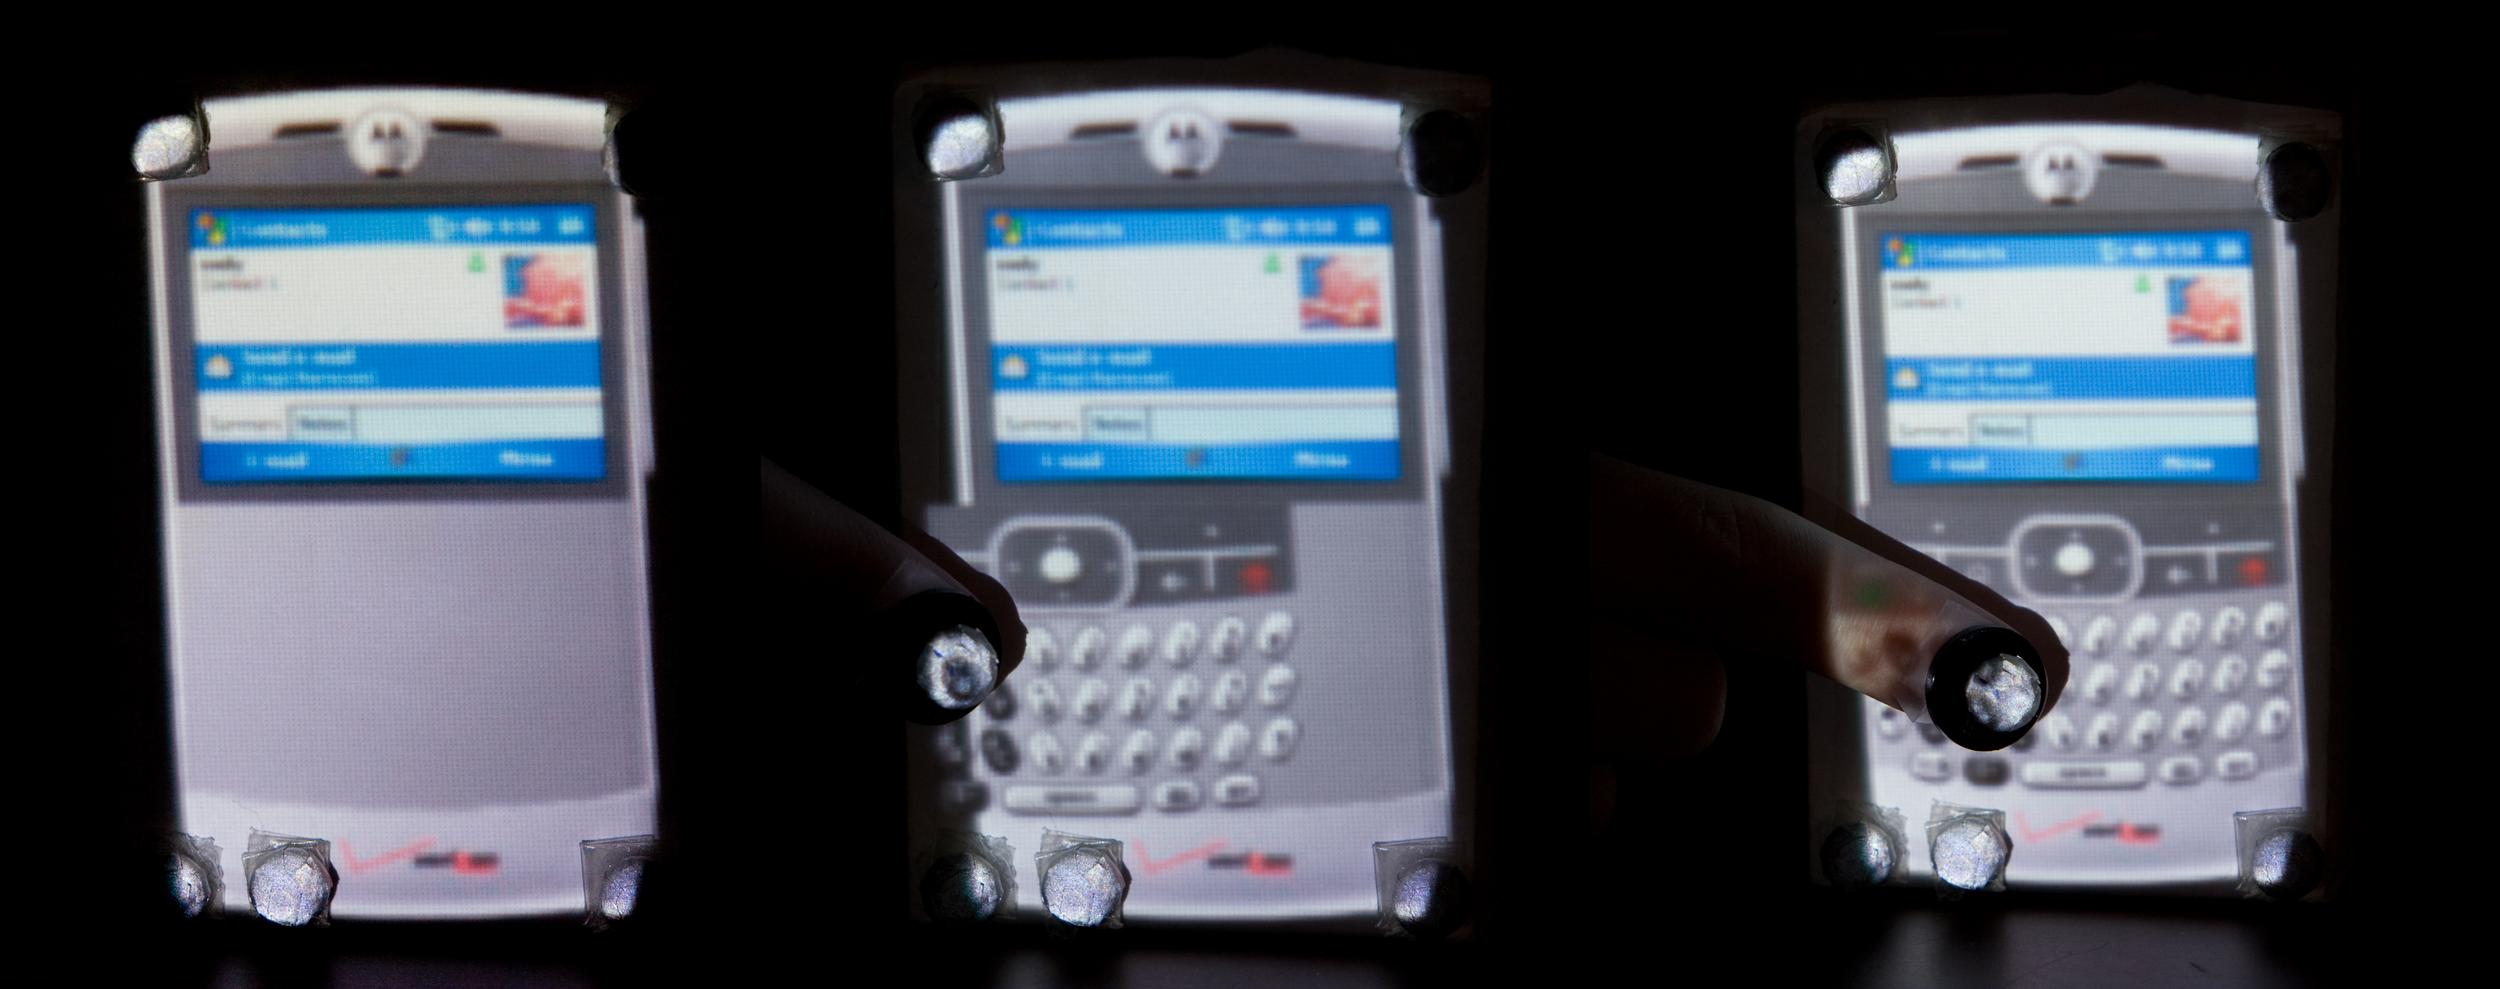 displayobjects workbench (2008) styrofoam blackberry with ui editor